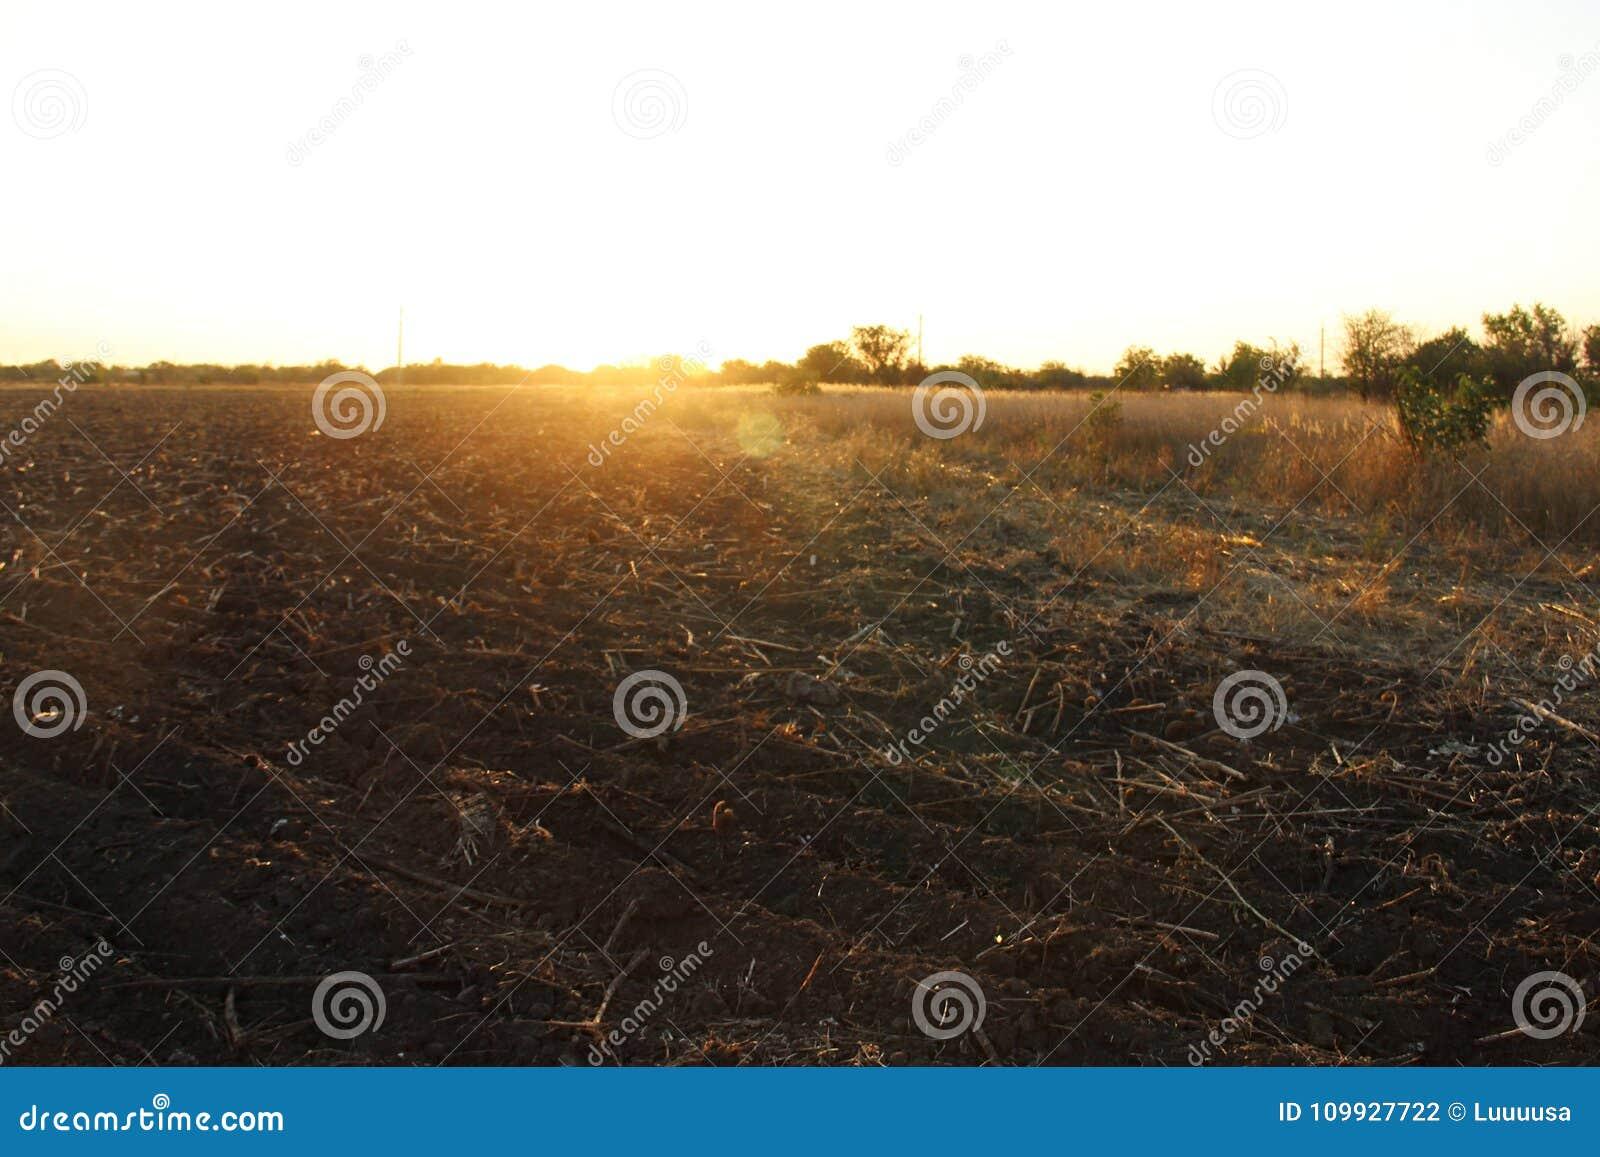 Strada campestre e campo smussato dei girasoli al tramonto in autunno